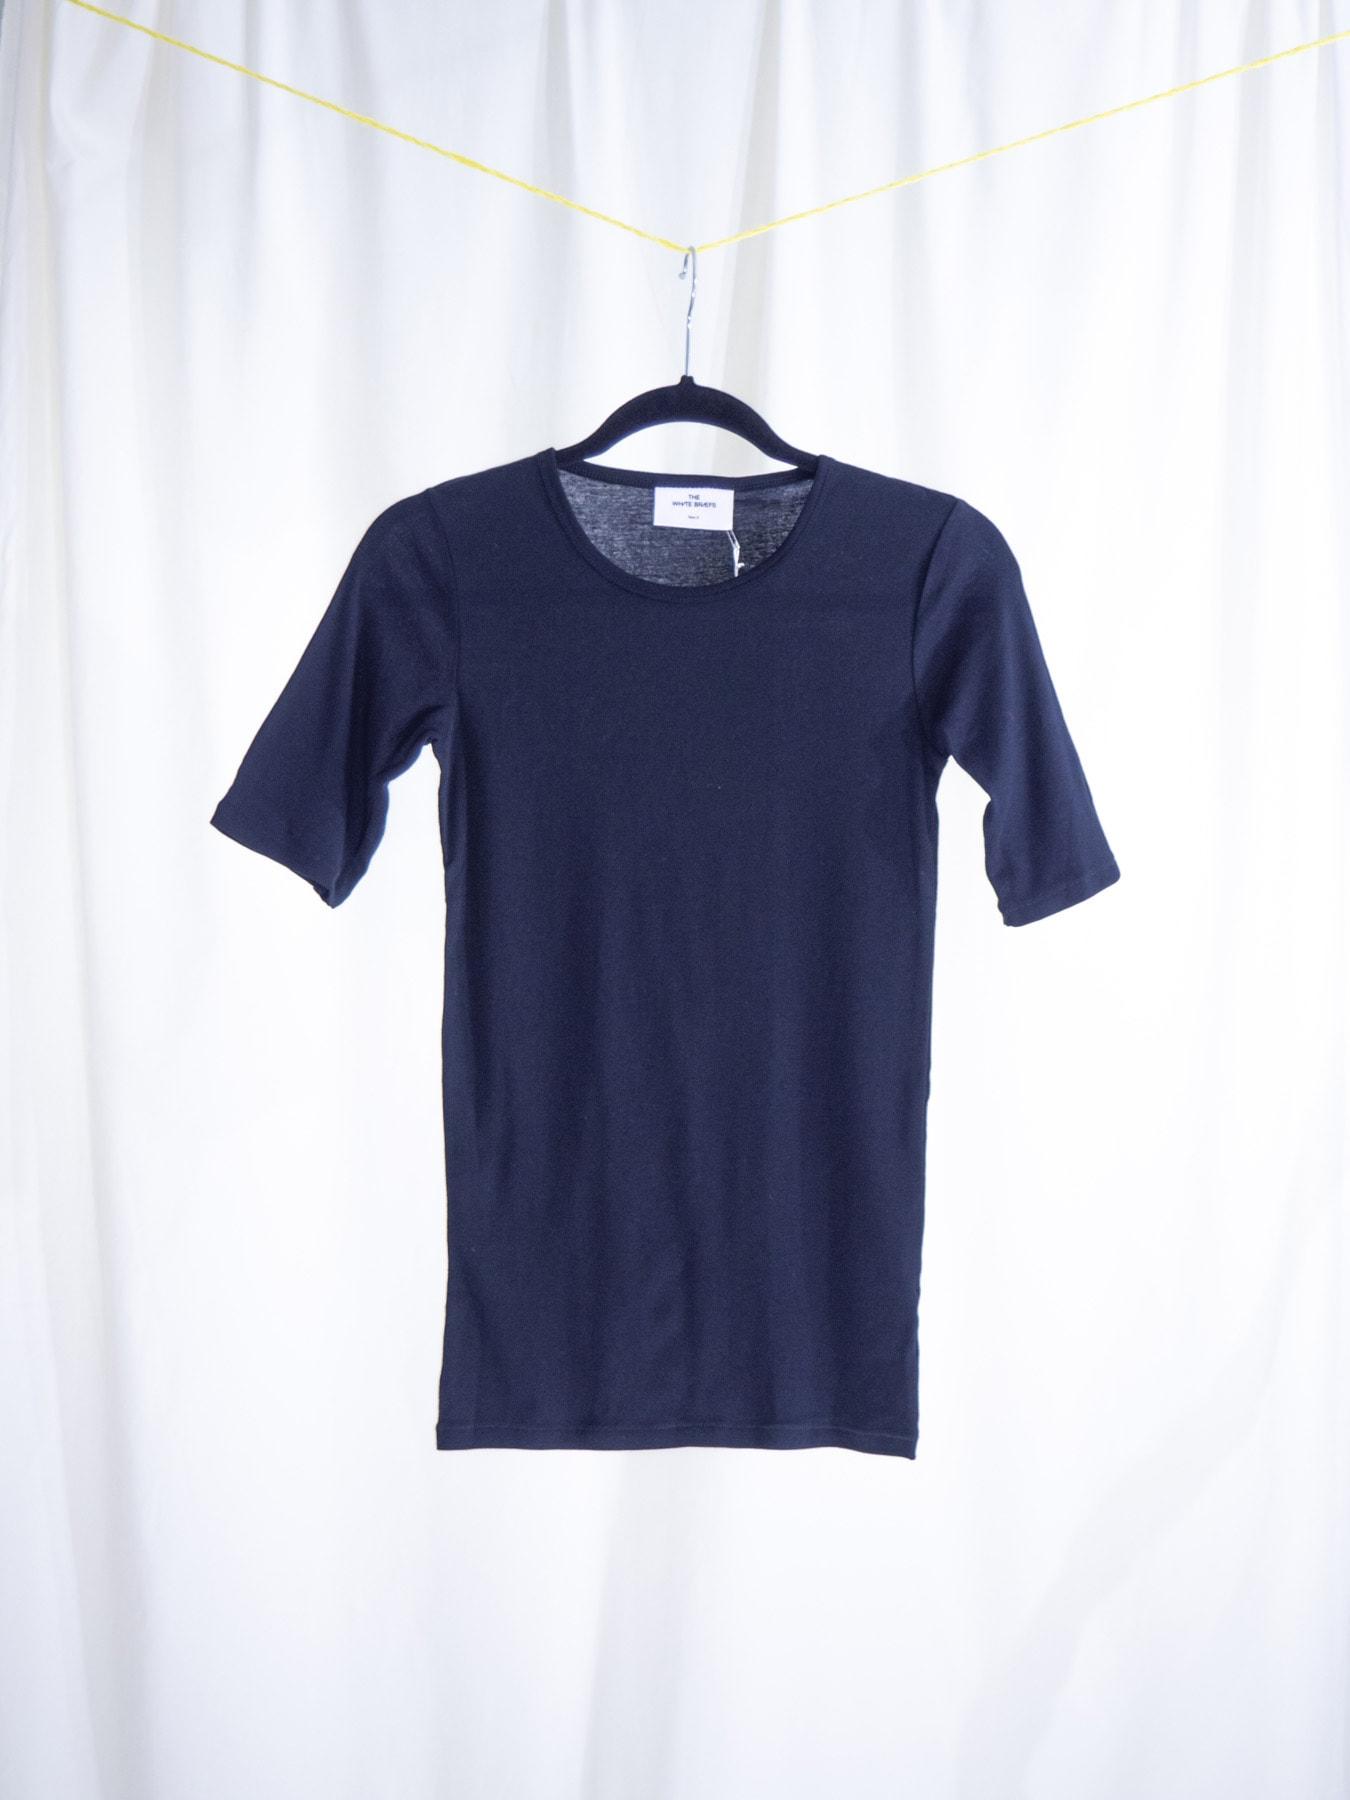 Ivy T-shirt black